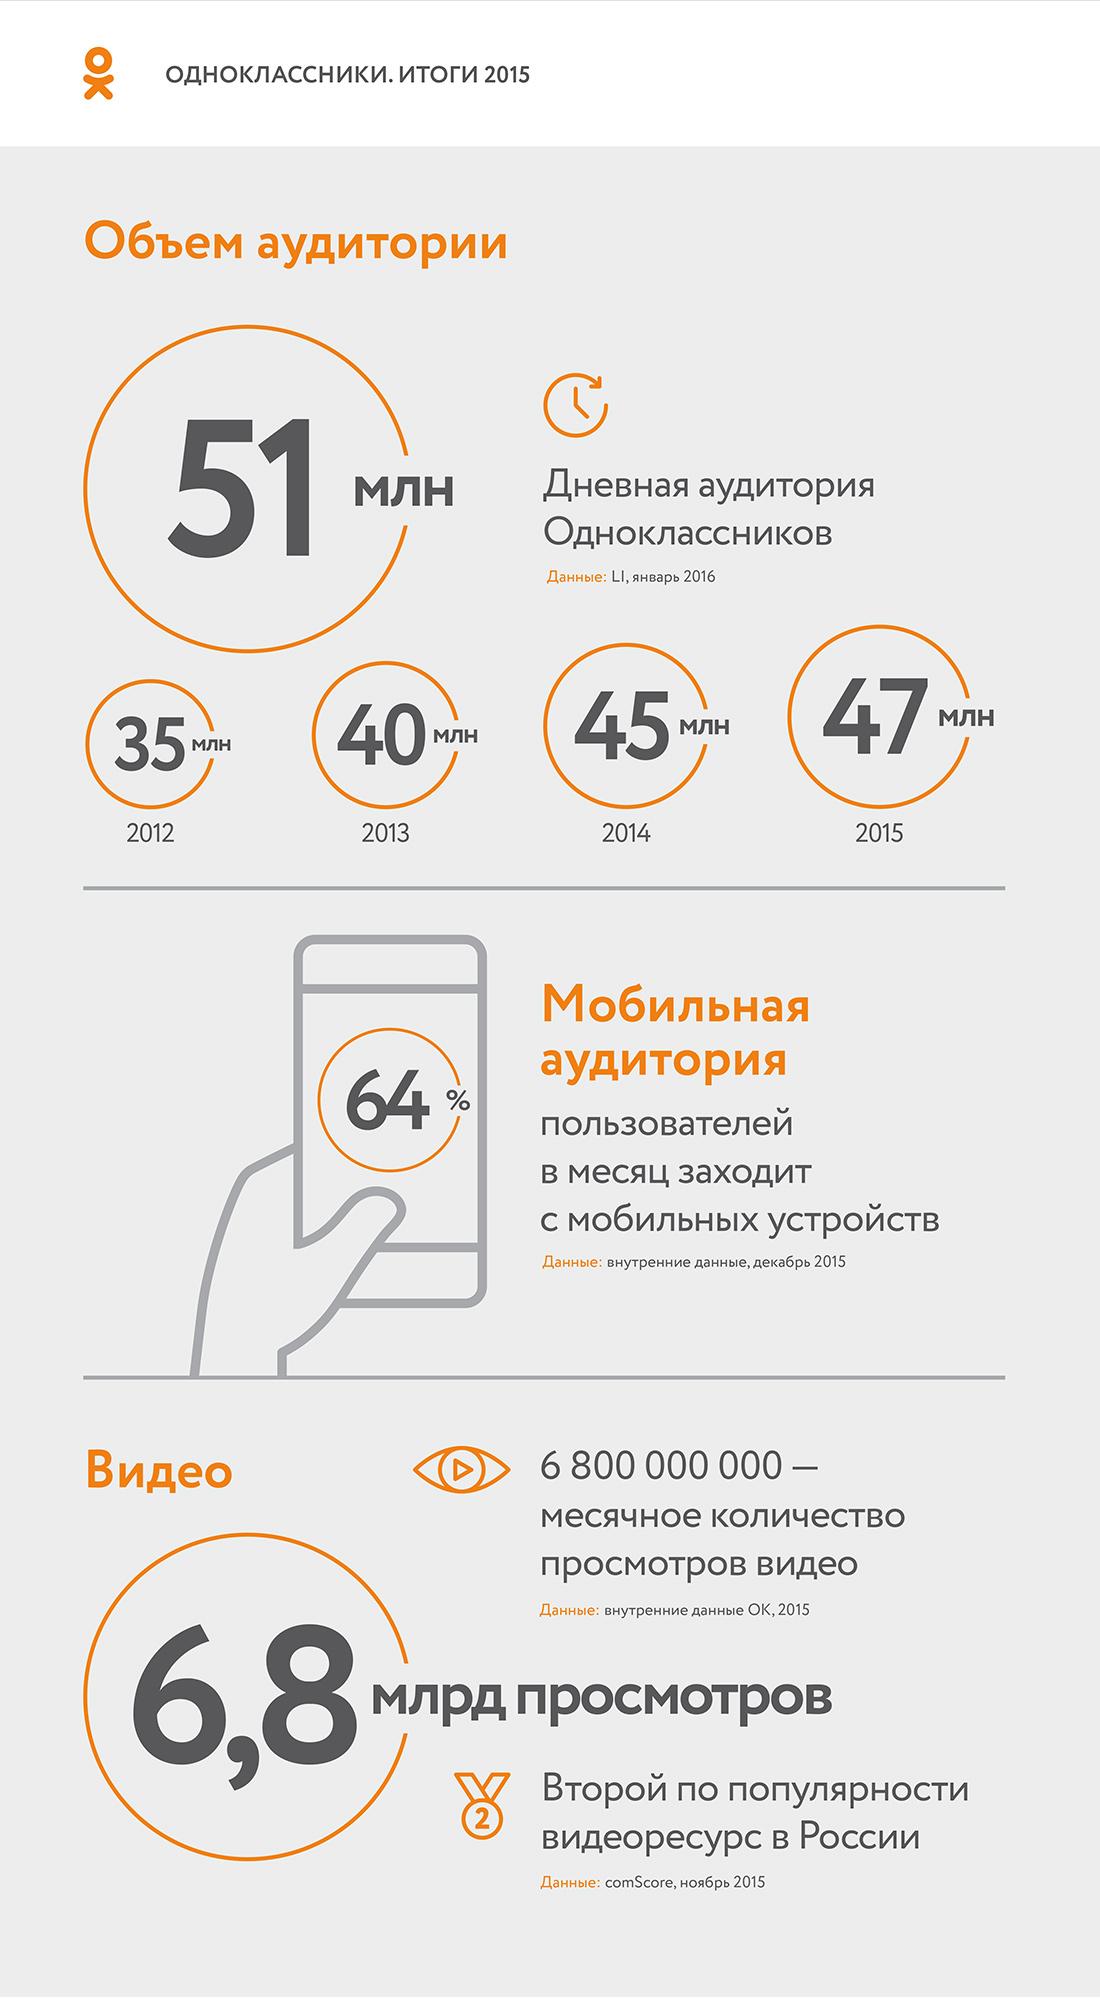 Информация с сайта d-russia.ru